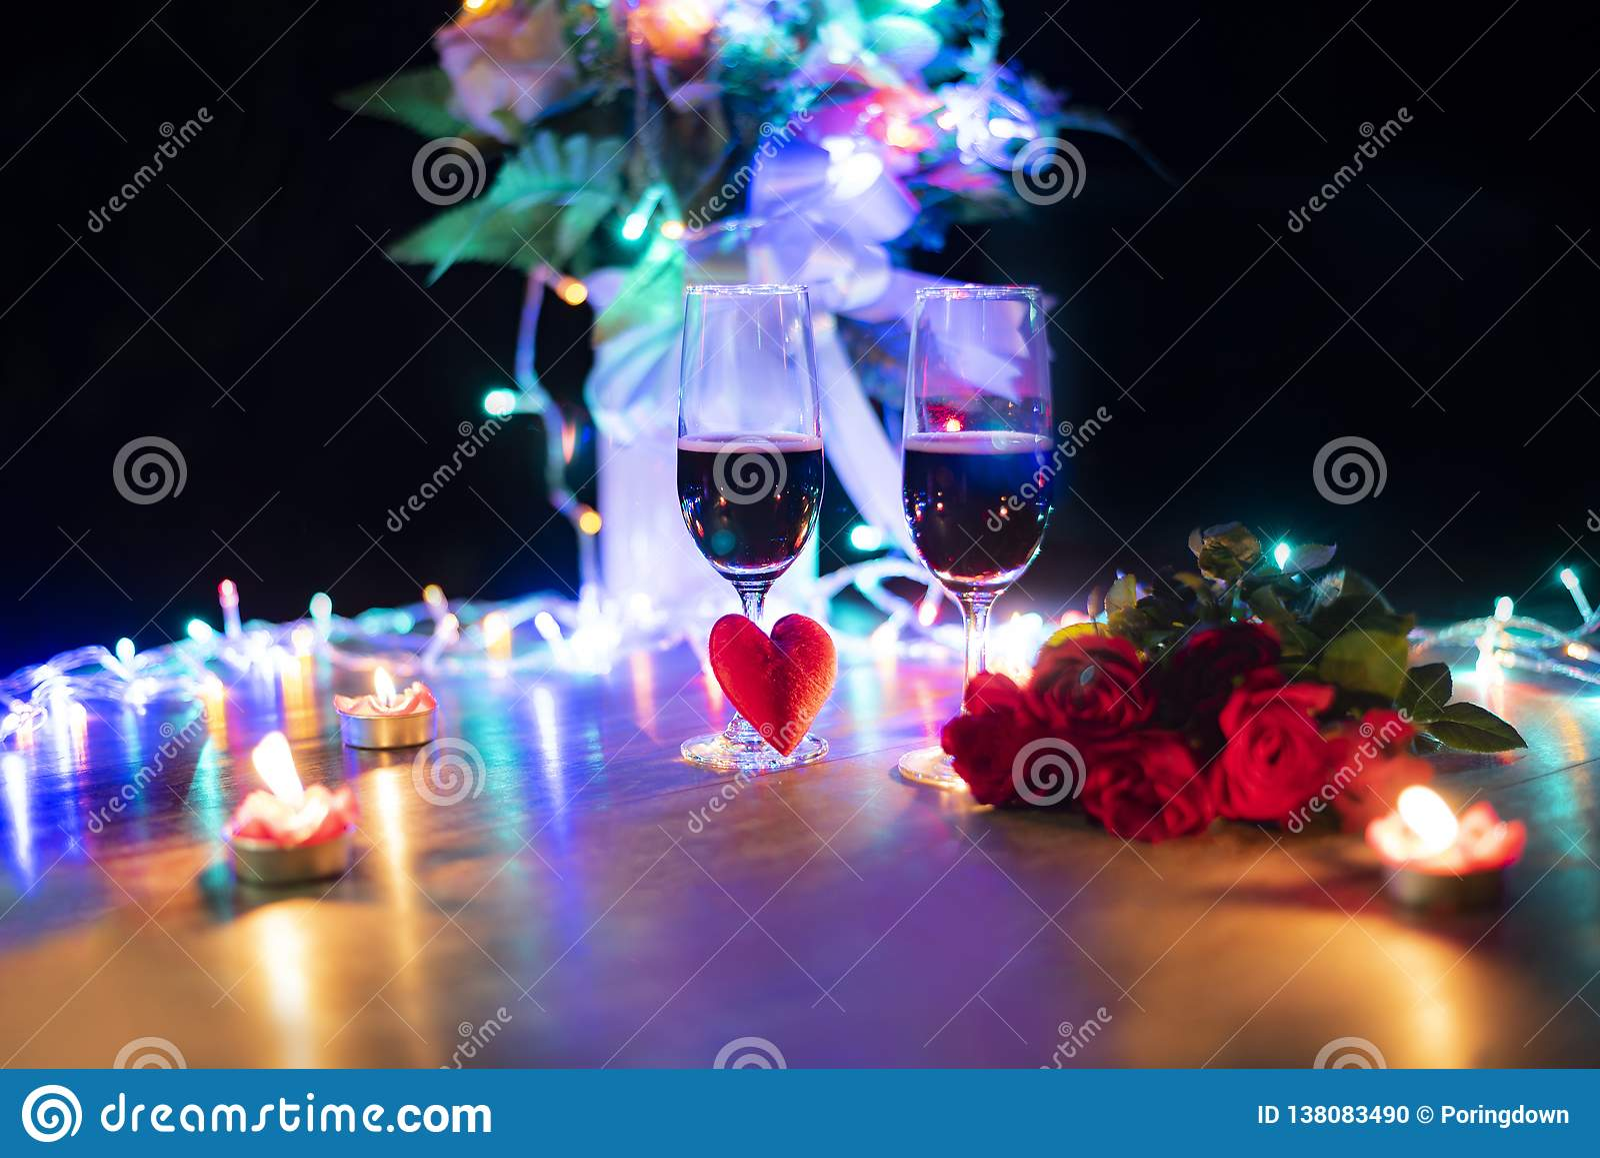 华伦泰晚餐浪漫爱概念/用红心和夫妇香槟玻璃装饰的浪漫桌设置